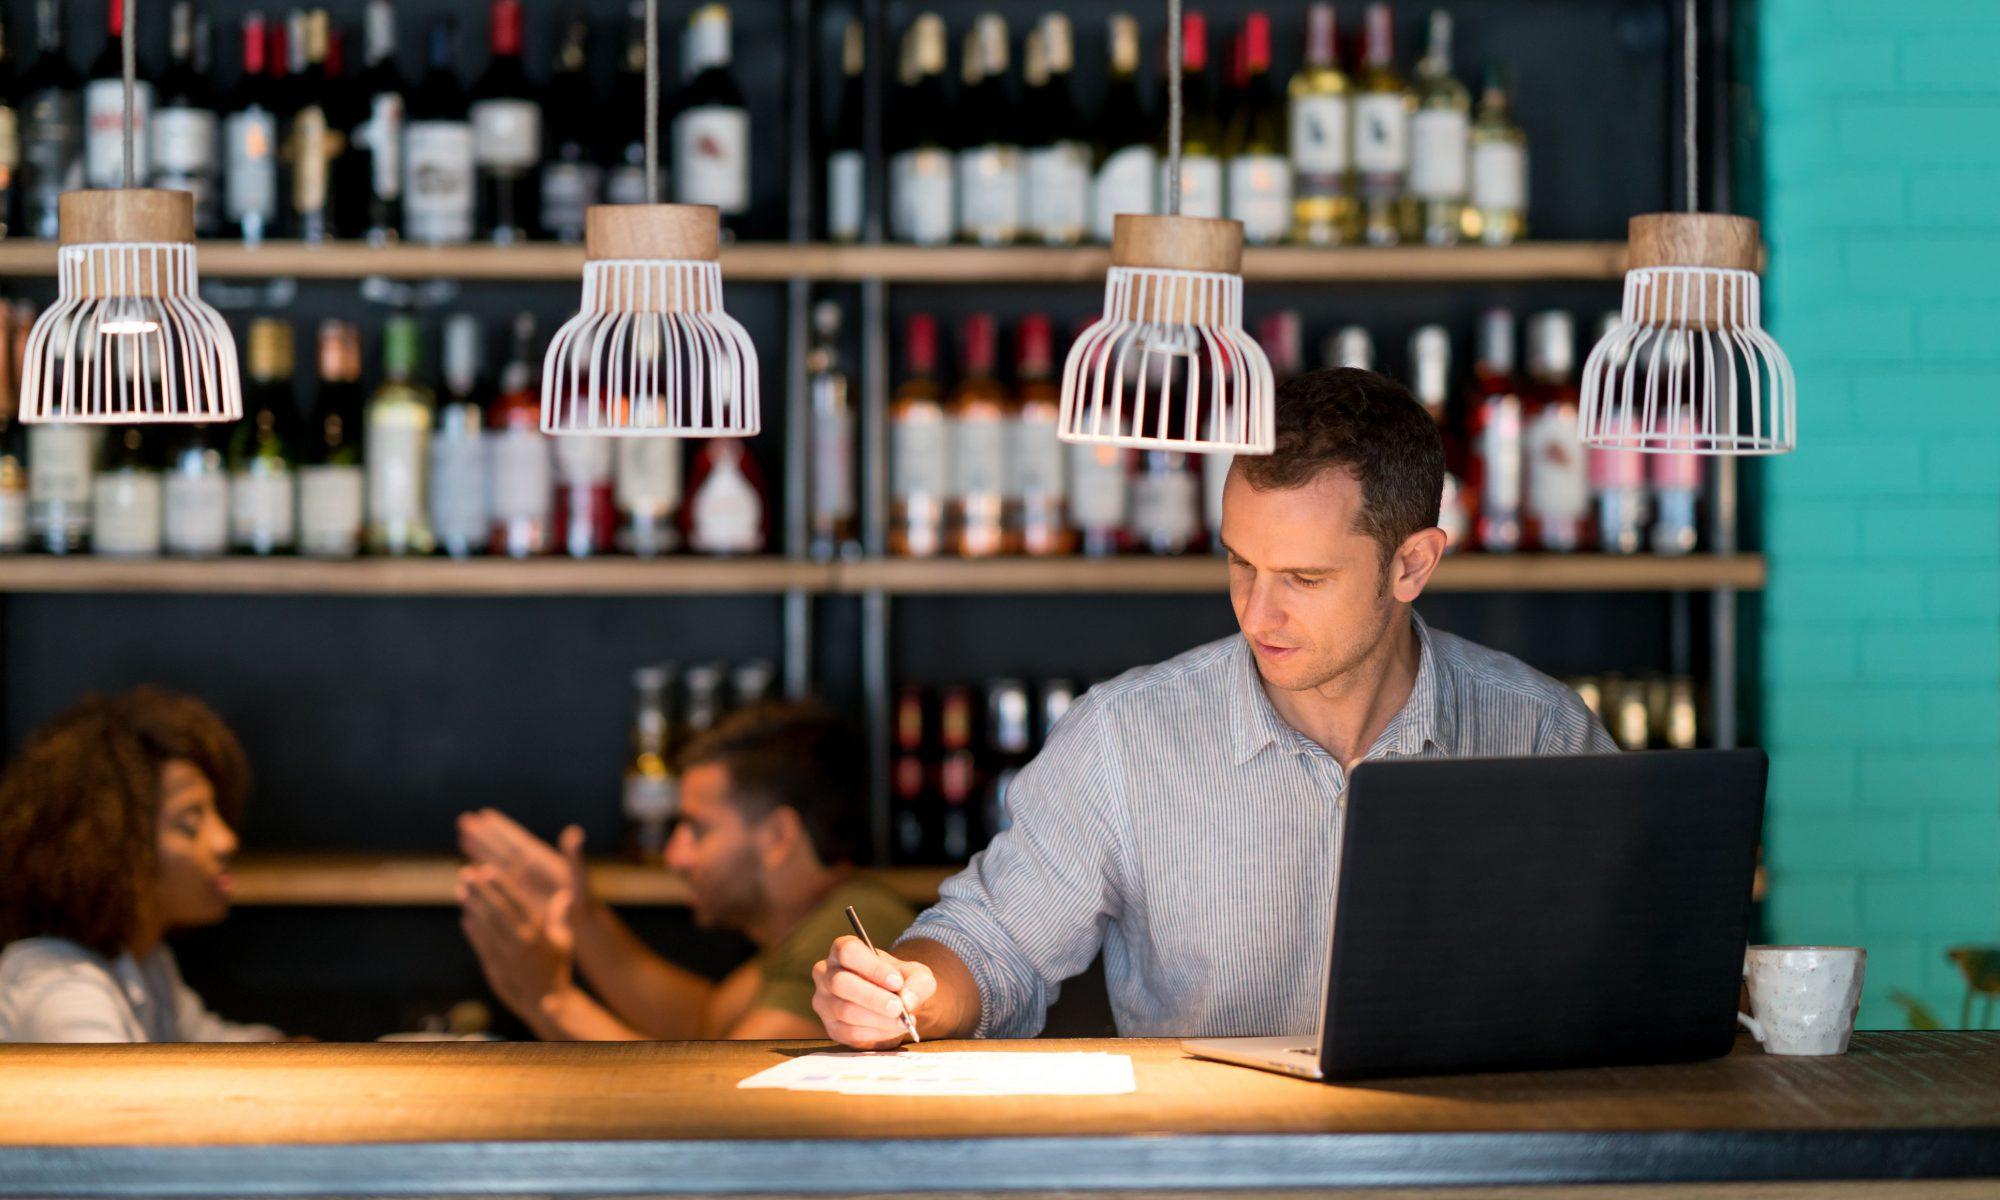 estudando-lucro-restaurante